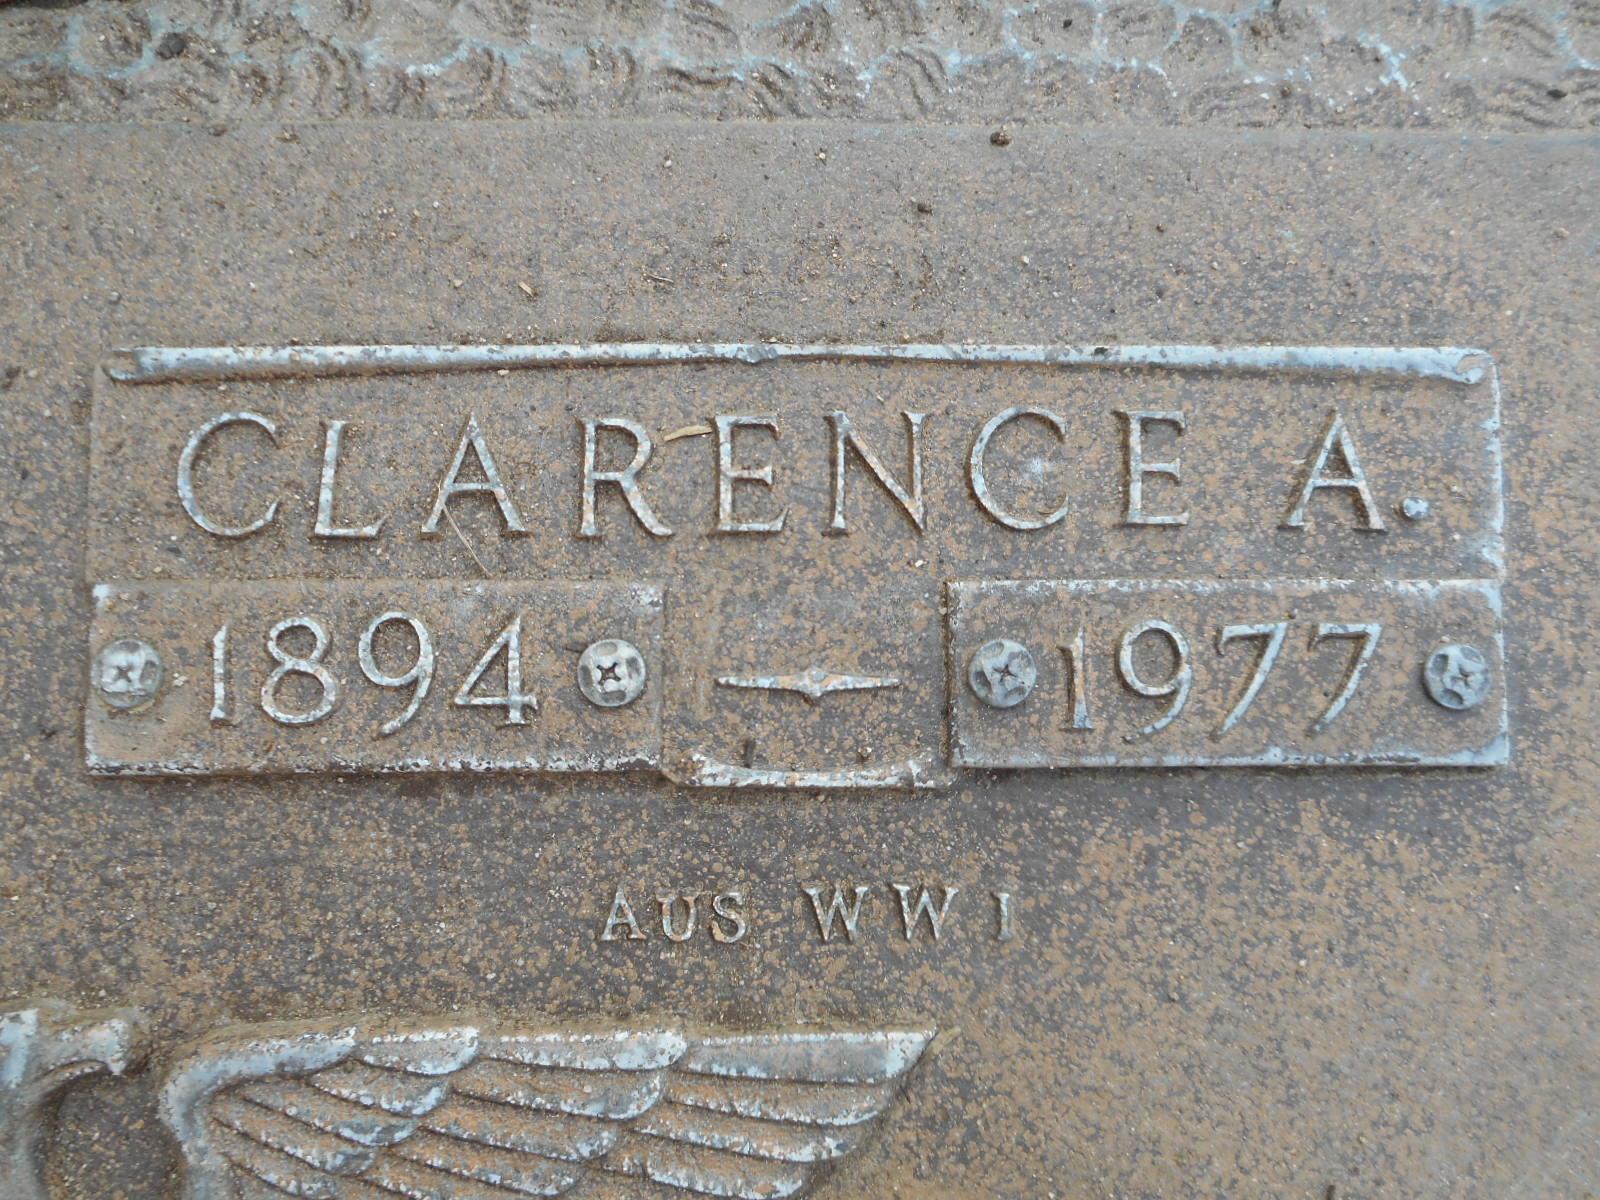 Clarence Albert Whitey Hatch